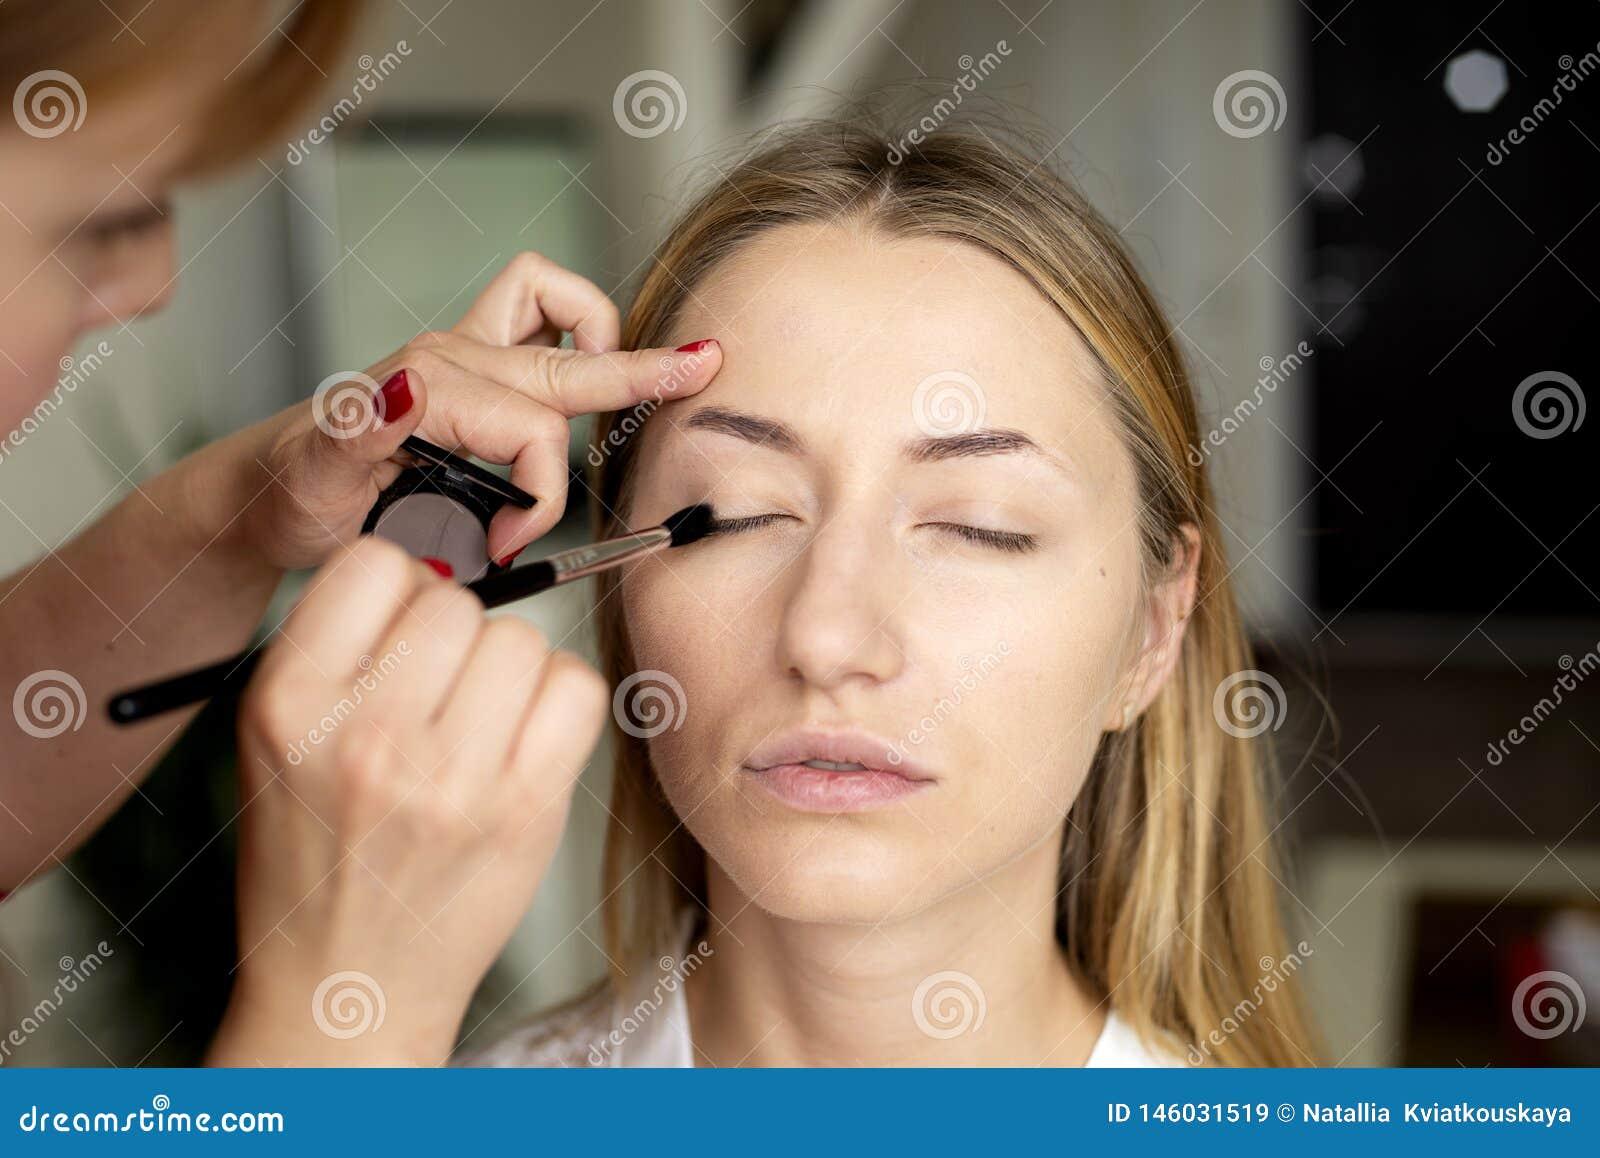 O maquilhador põe a composição sobre a cara da menina